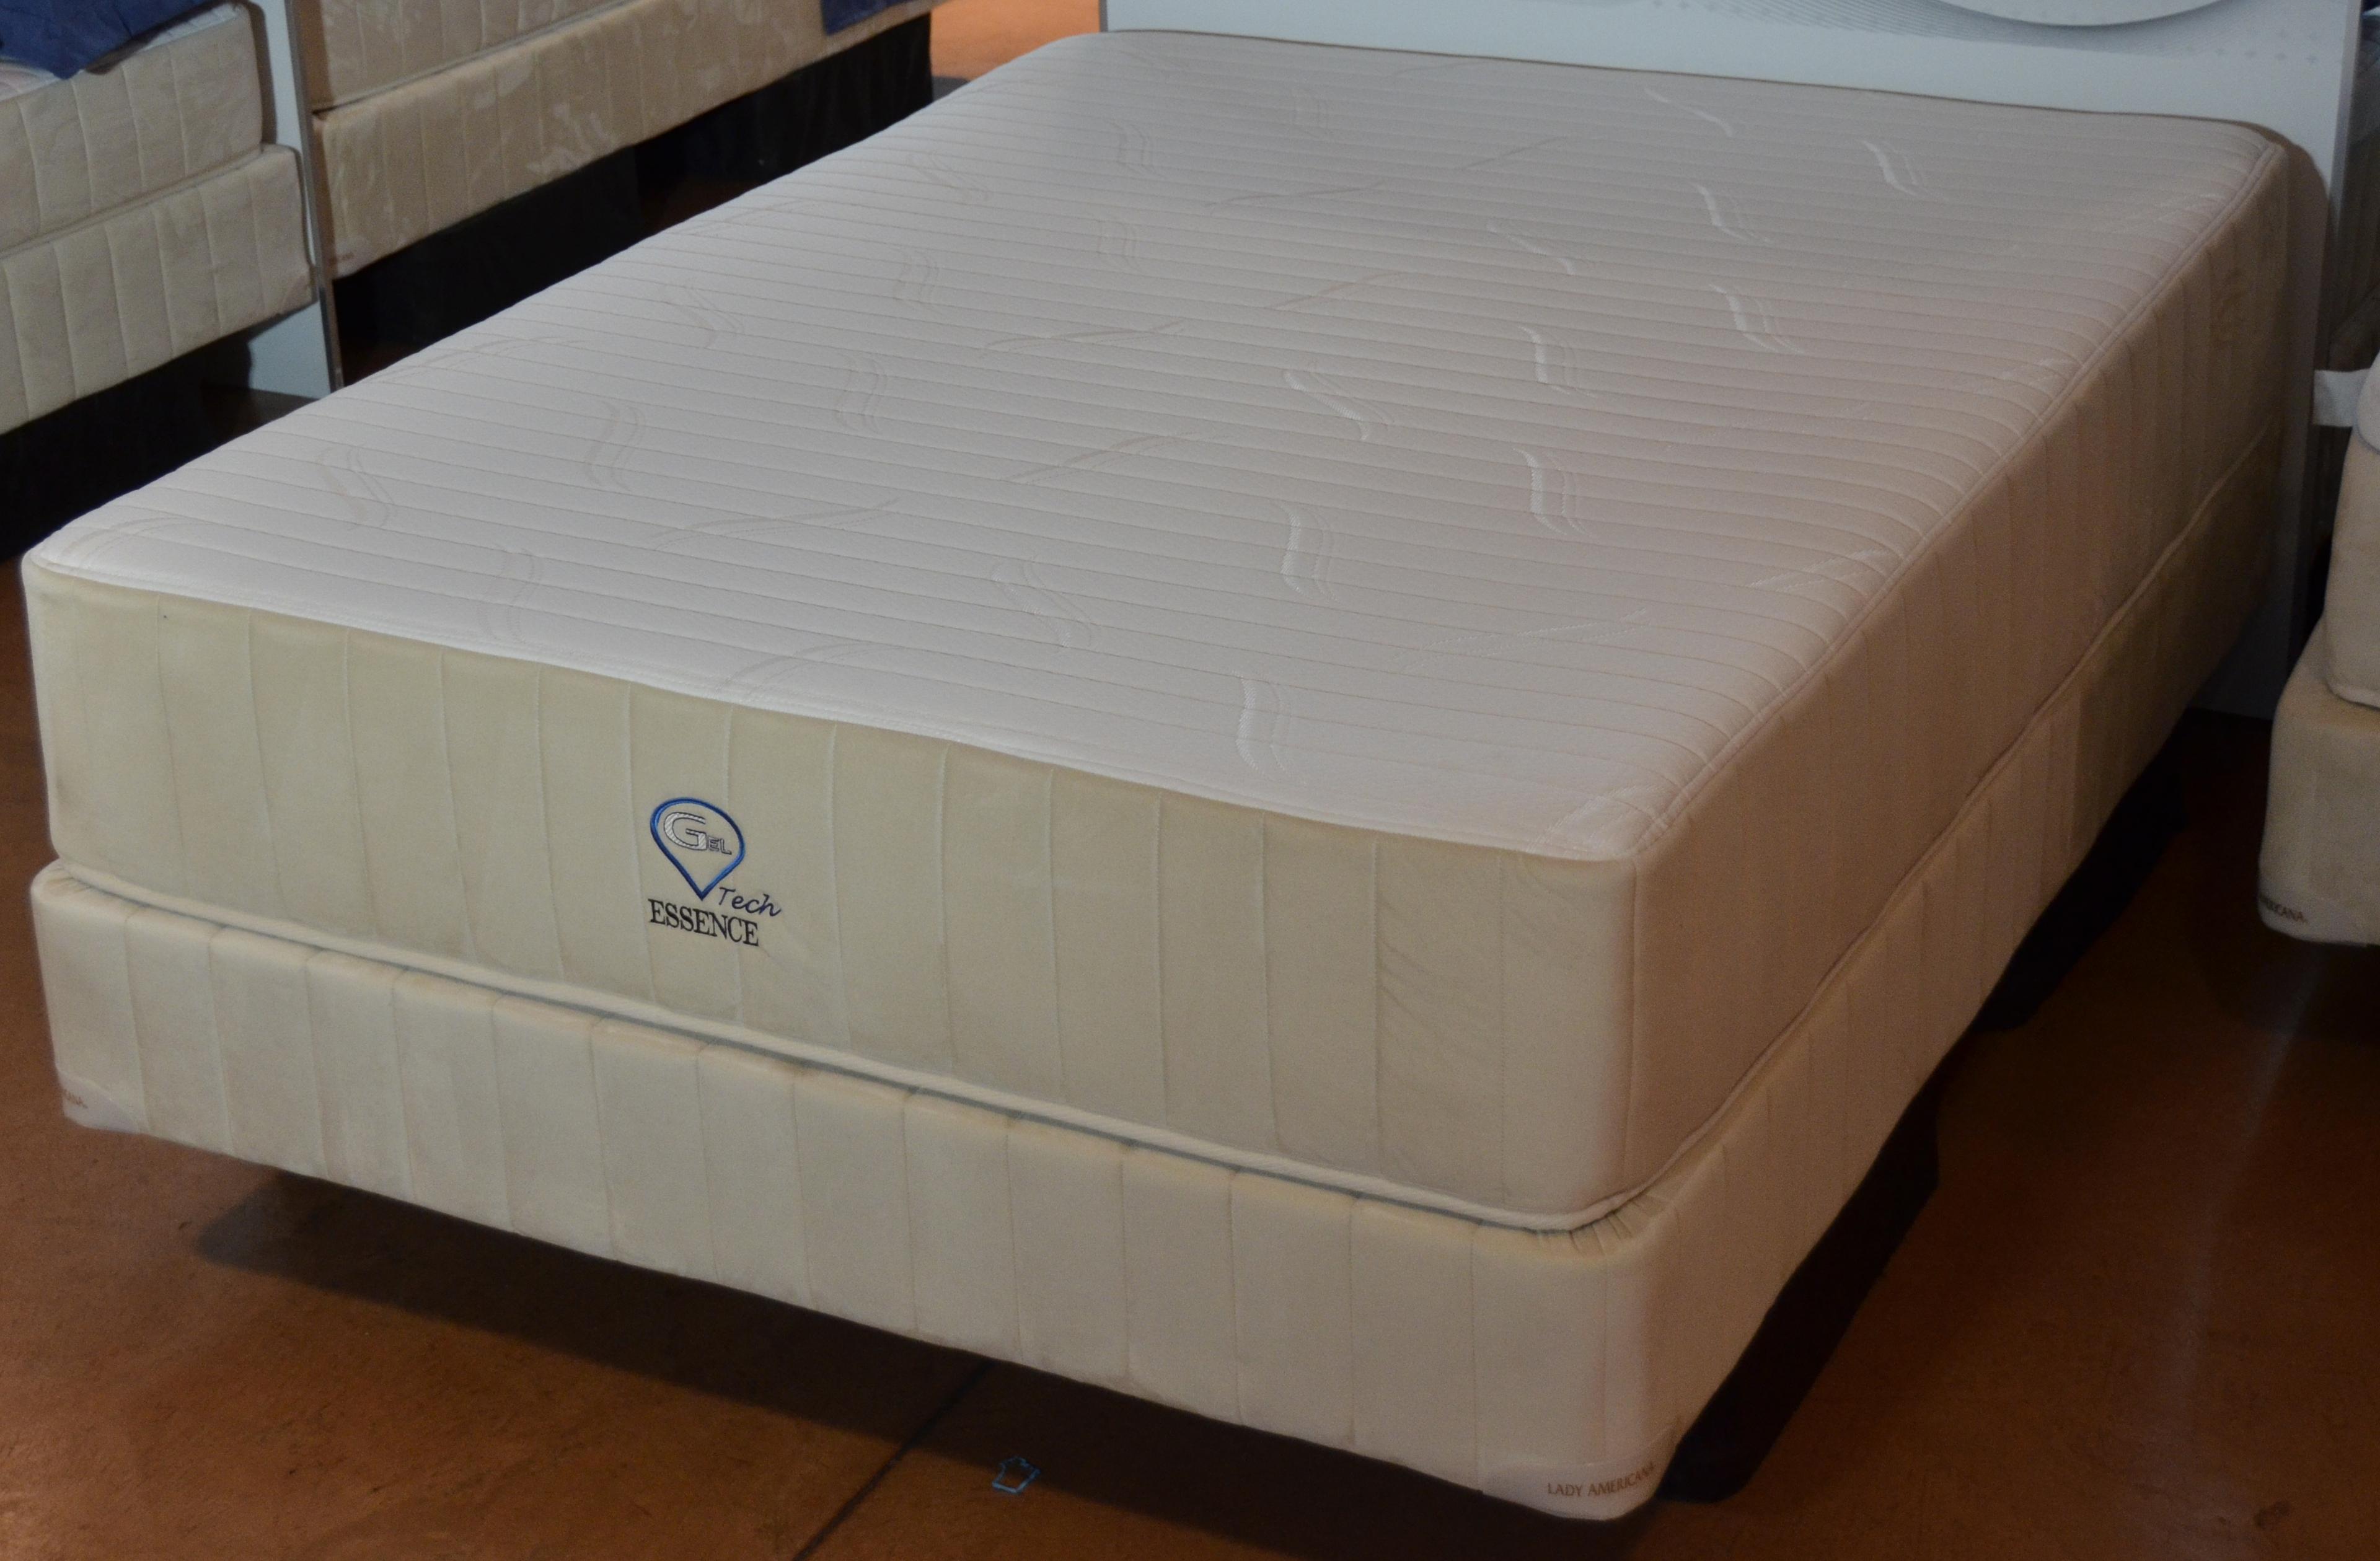 Gel Ease Essence 12 Inch Gel Infused Memory Foam Mattress